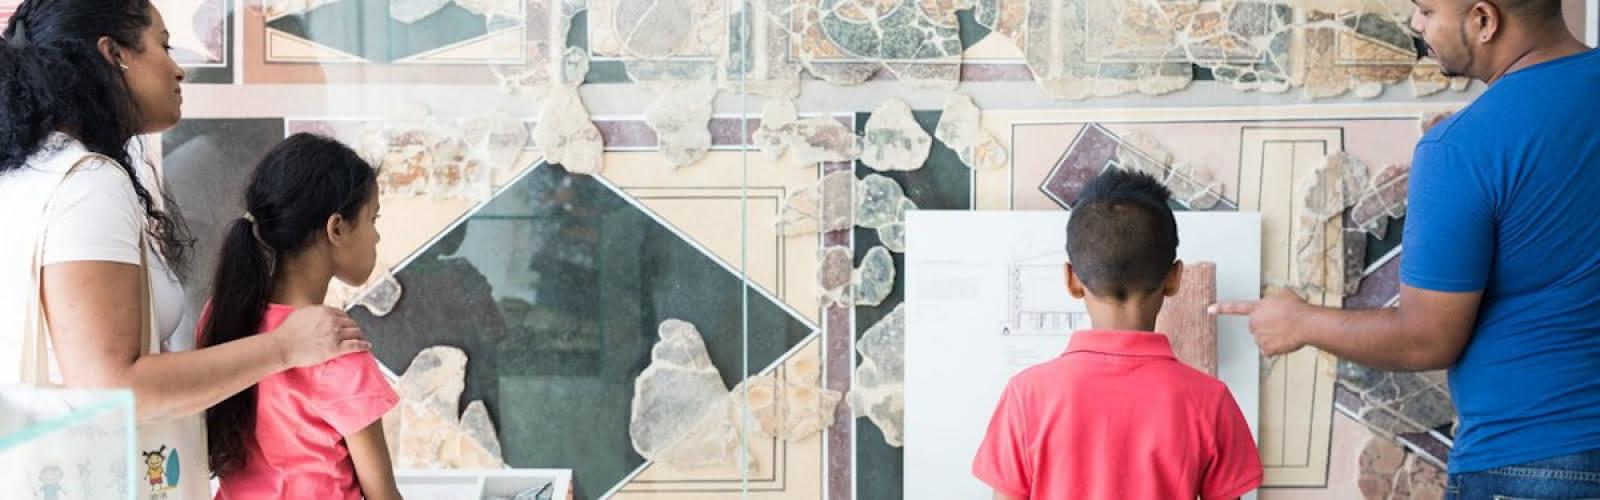 Visite familiale : à la découverte du musée Archéa